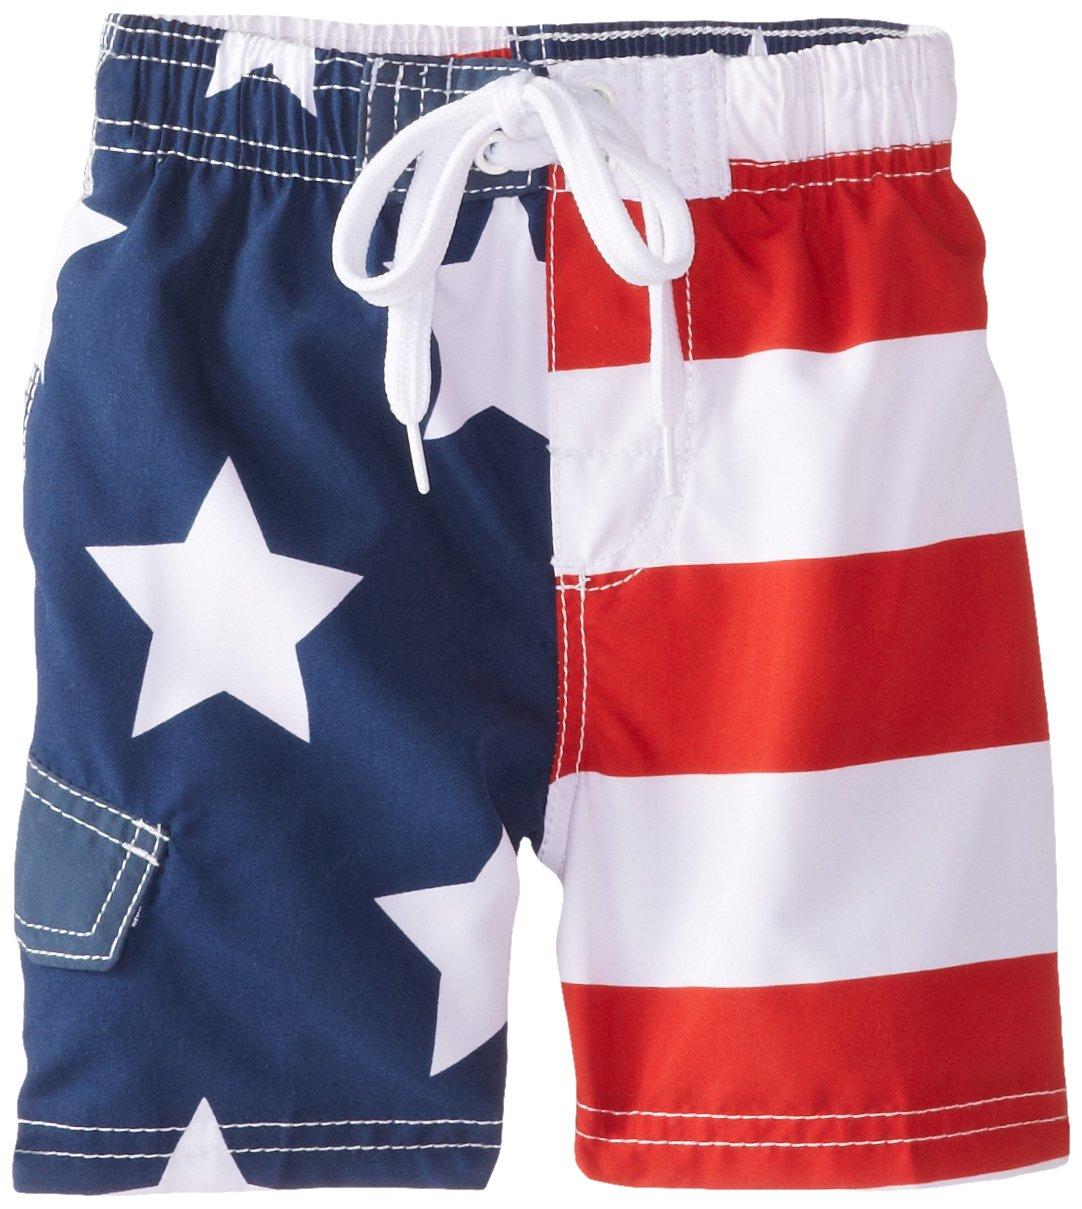 Kanu Surf Little Boys' Toddler American Flag Swim Trunks, Flag, 2T